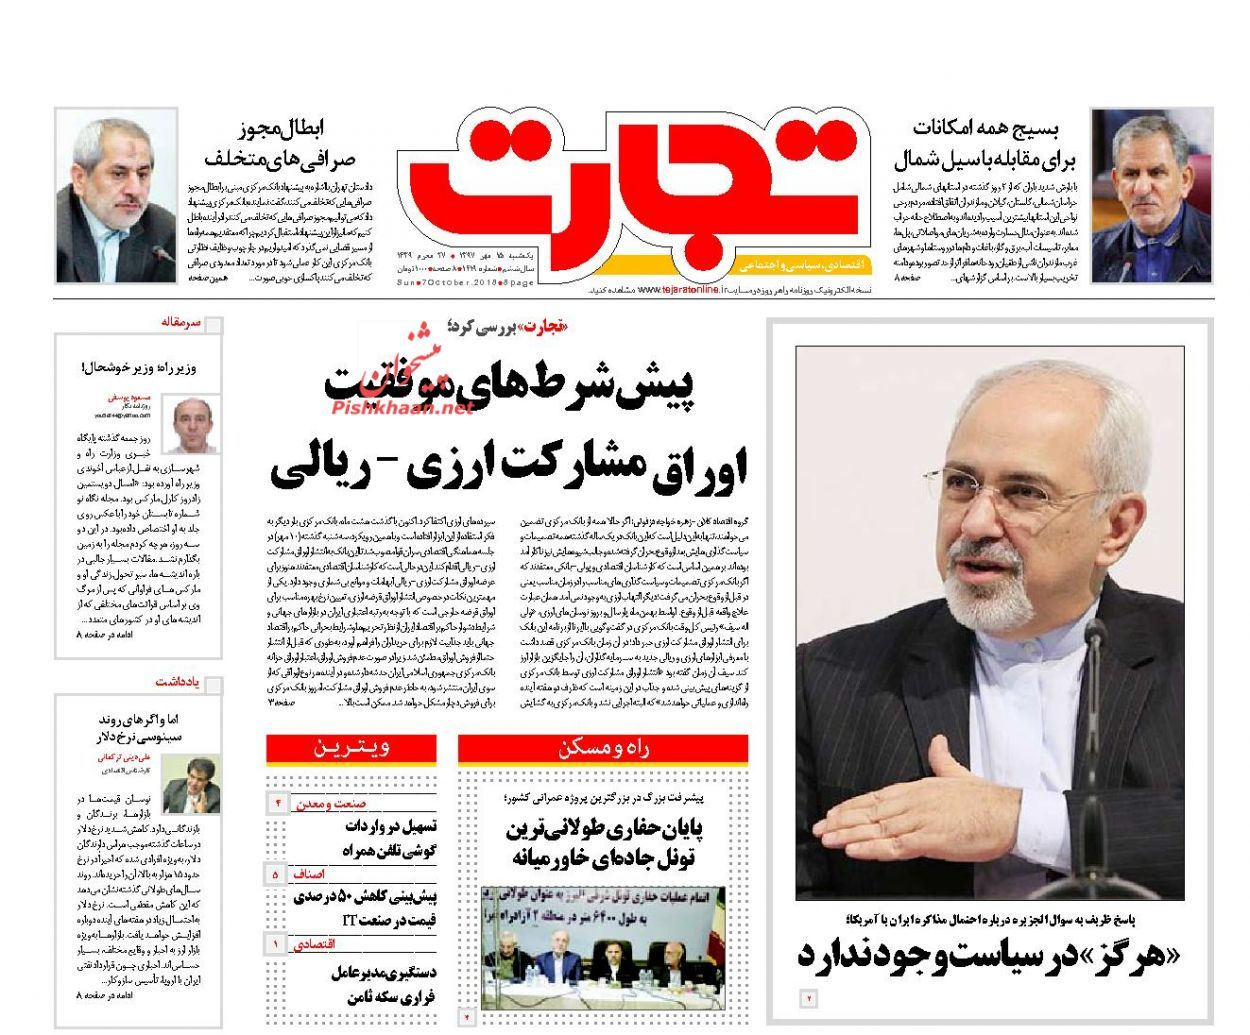 روزنامه های یکشنبه ۱۵ مهر ۹۷